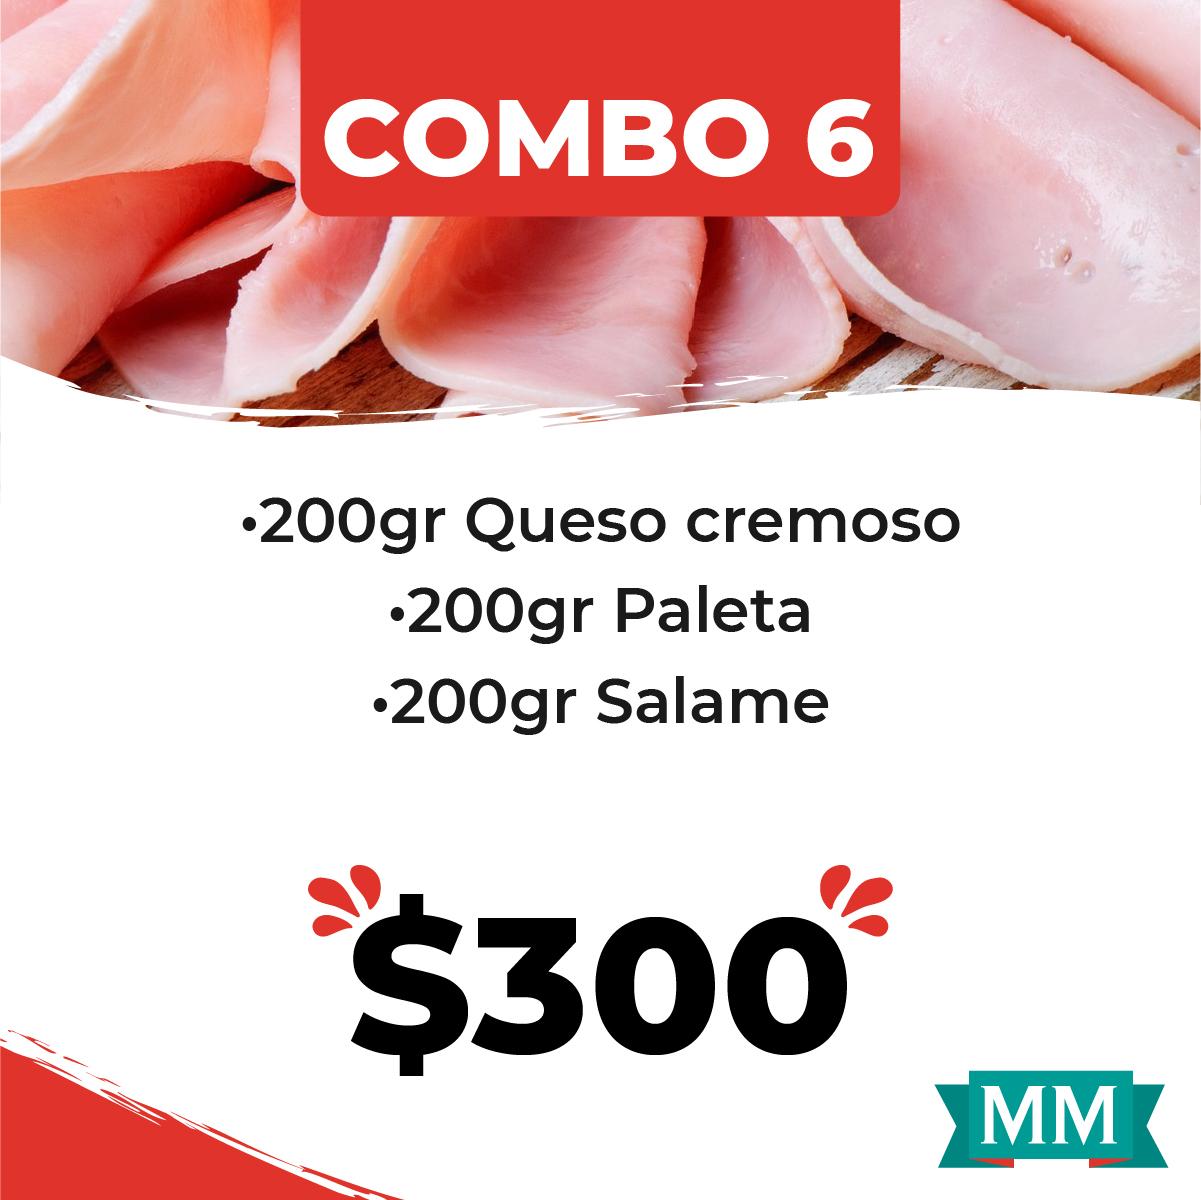 placas combos MM-06